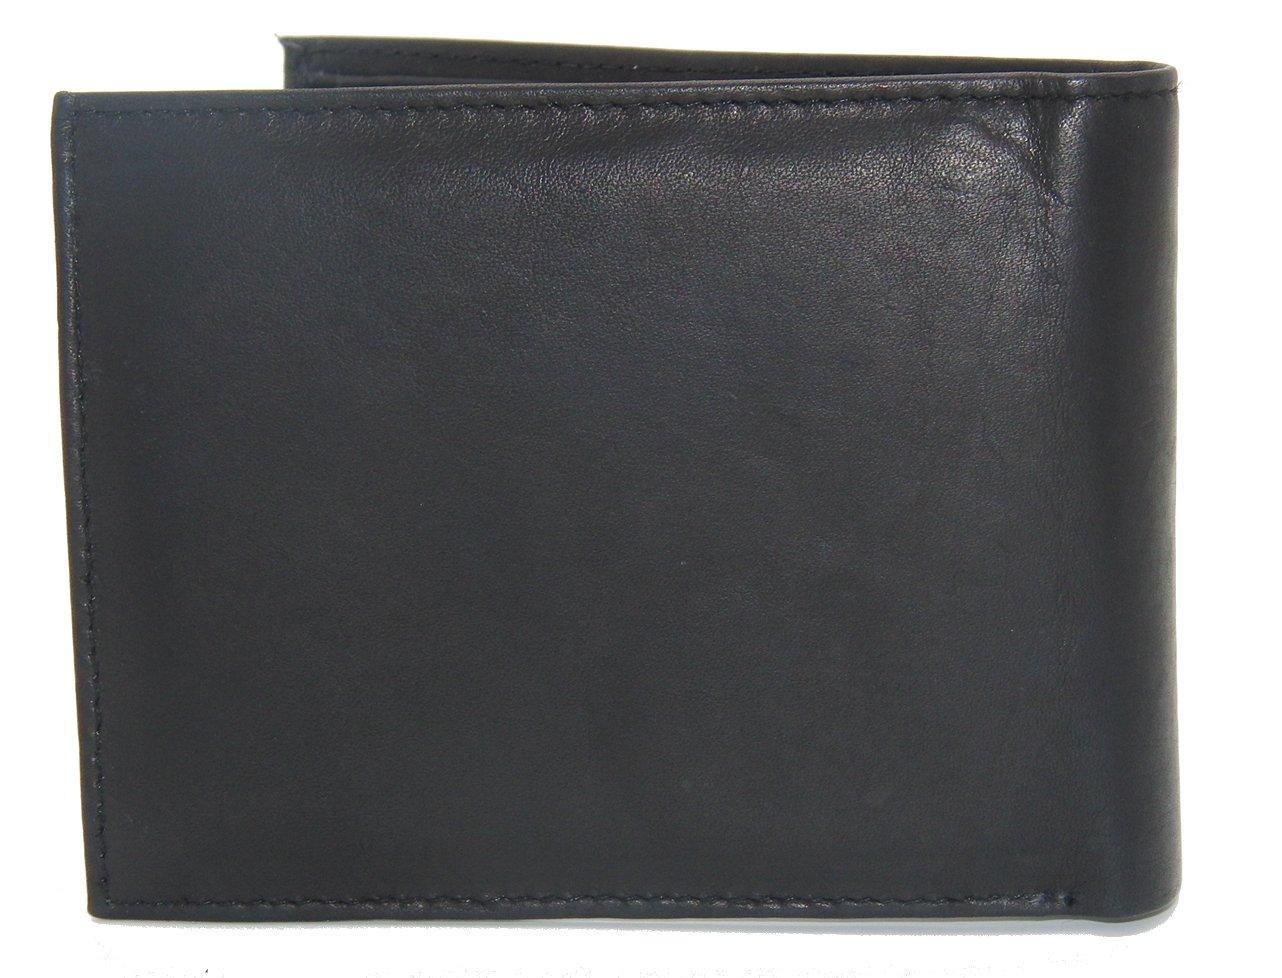 0d5da582869b Wallet collection premium de Dargelis Porte-monnaie chic en cuir véritable  Noir Format oblong  Amazon.fr  Fournitures de bureau